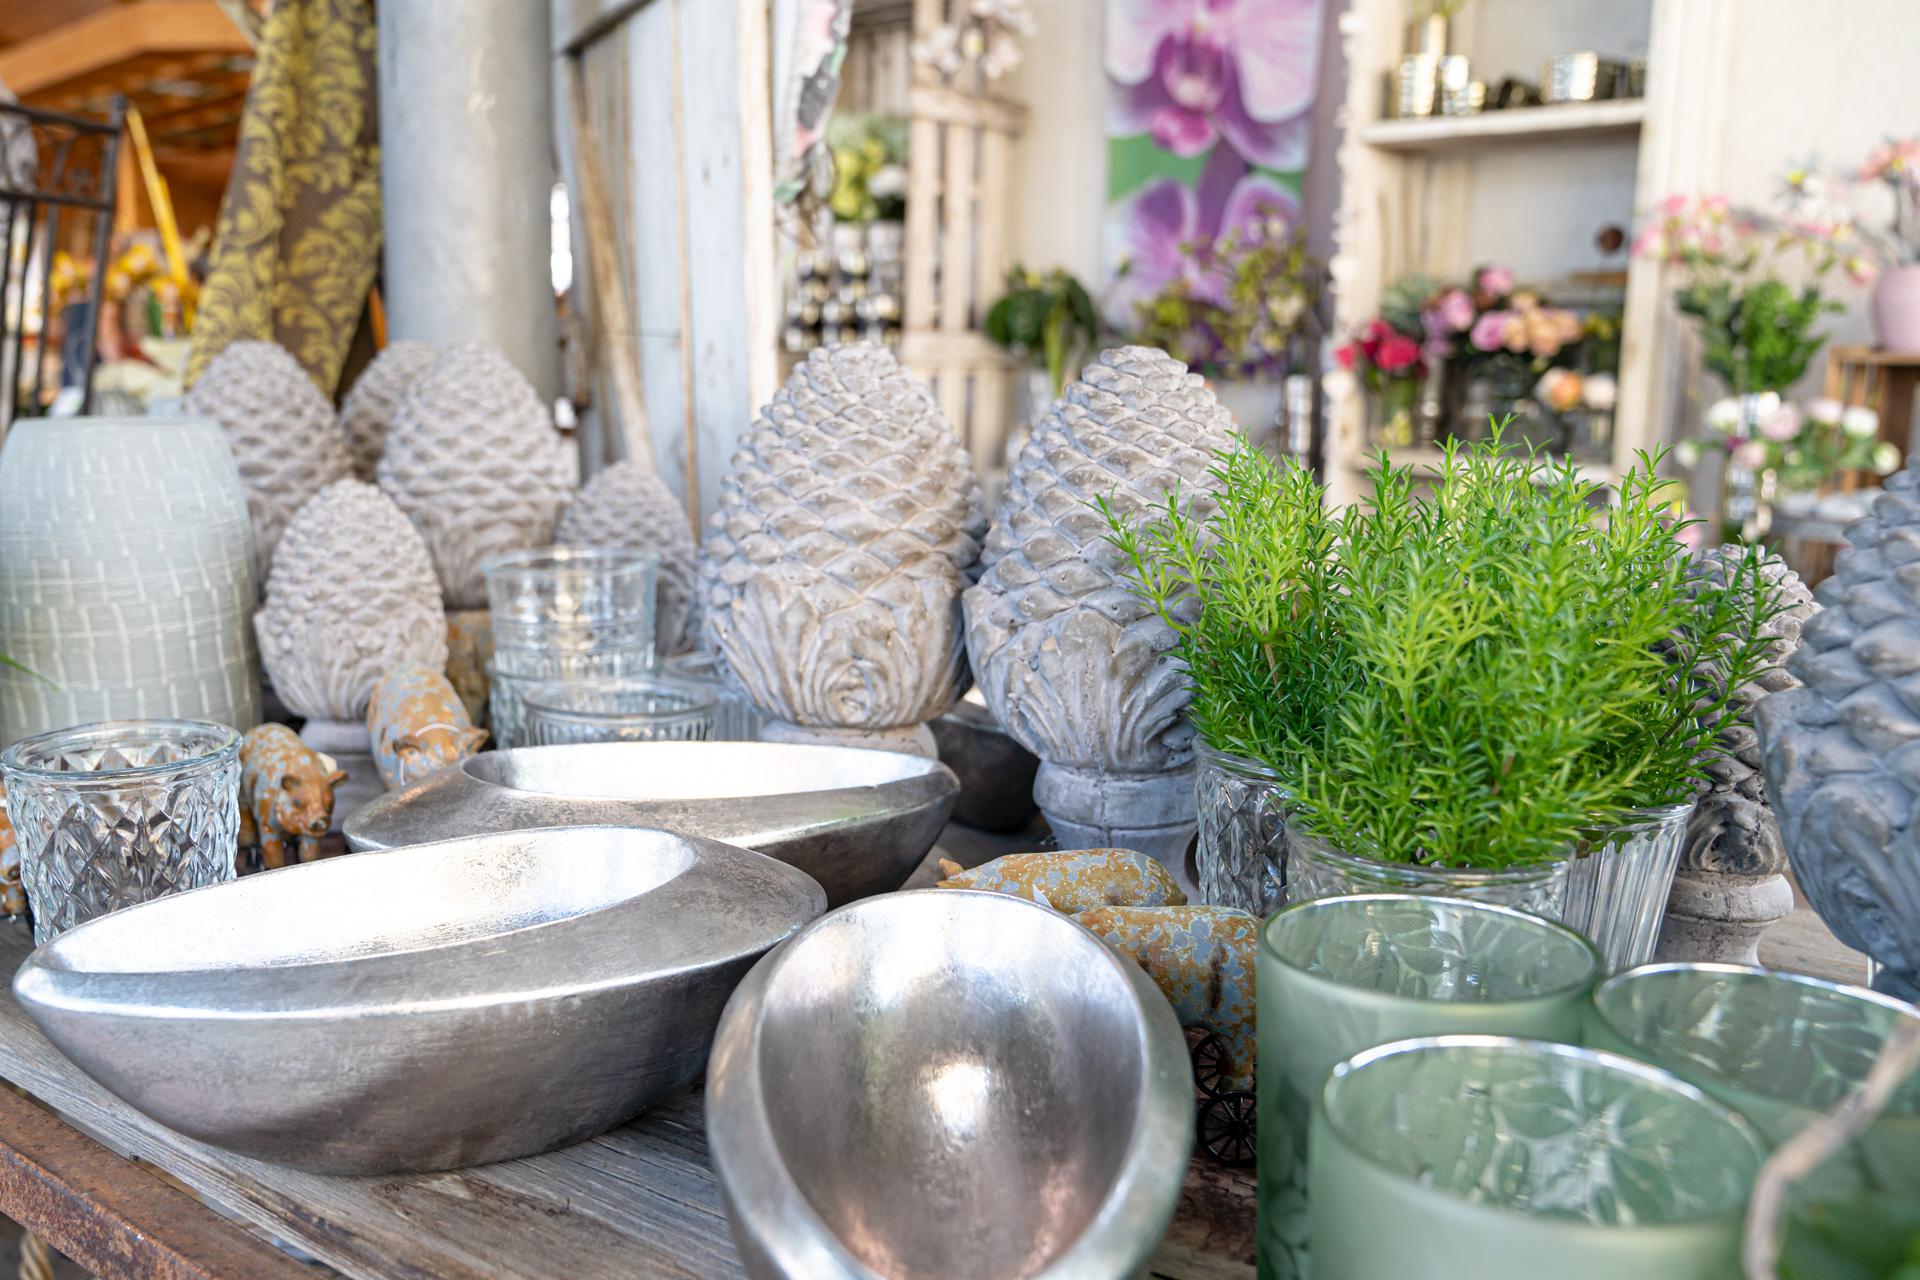 Blumenwerkstatt Rippel Zimmerpflanzen Und Dekoartikel